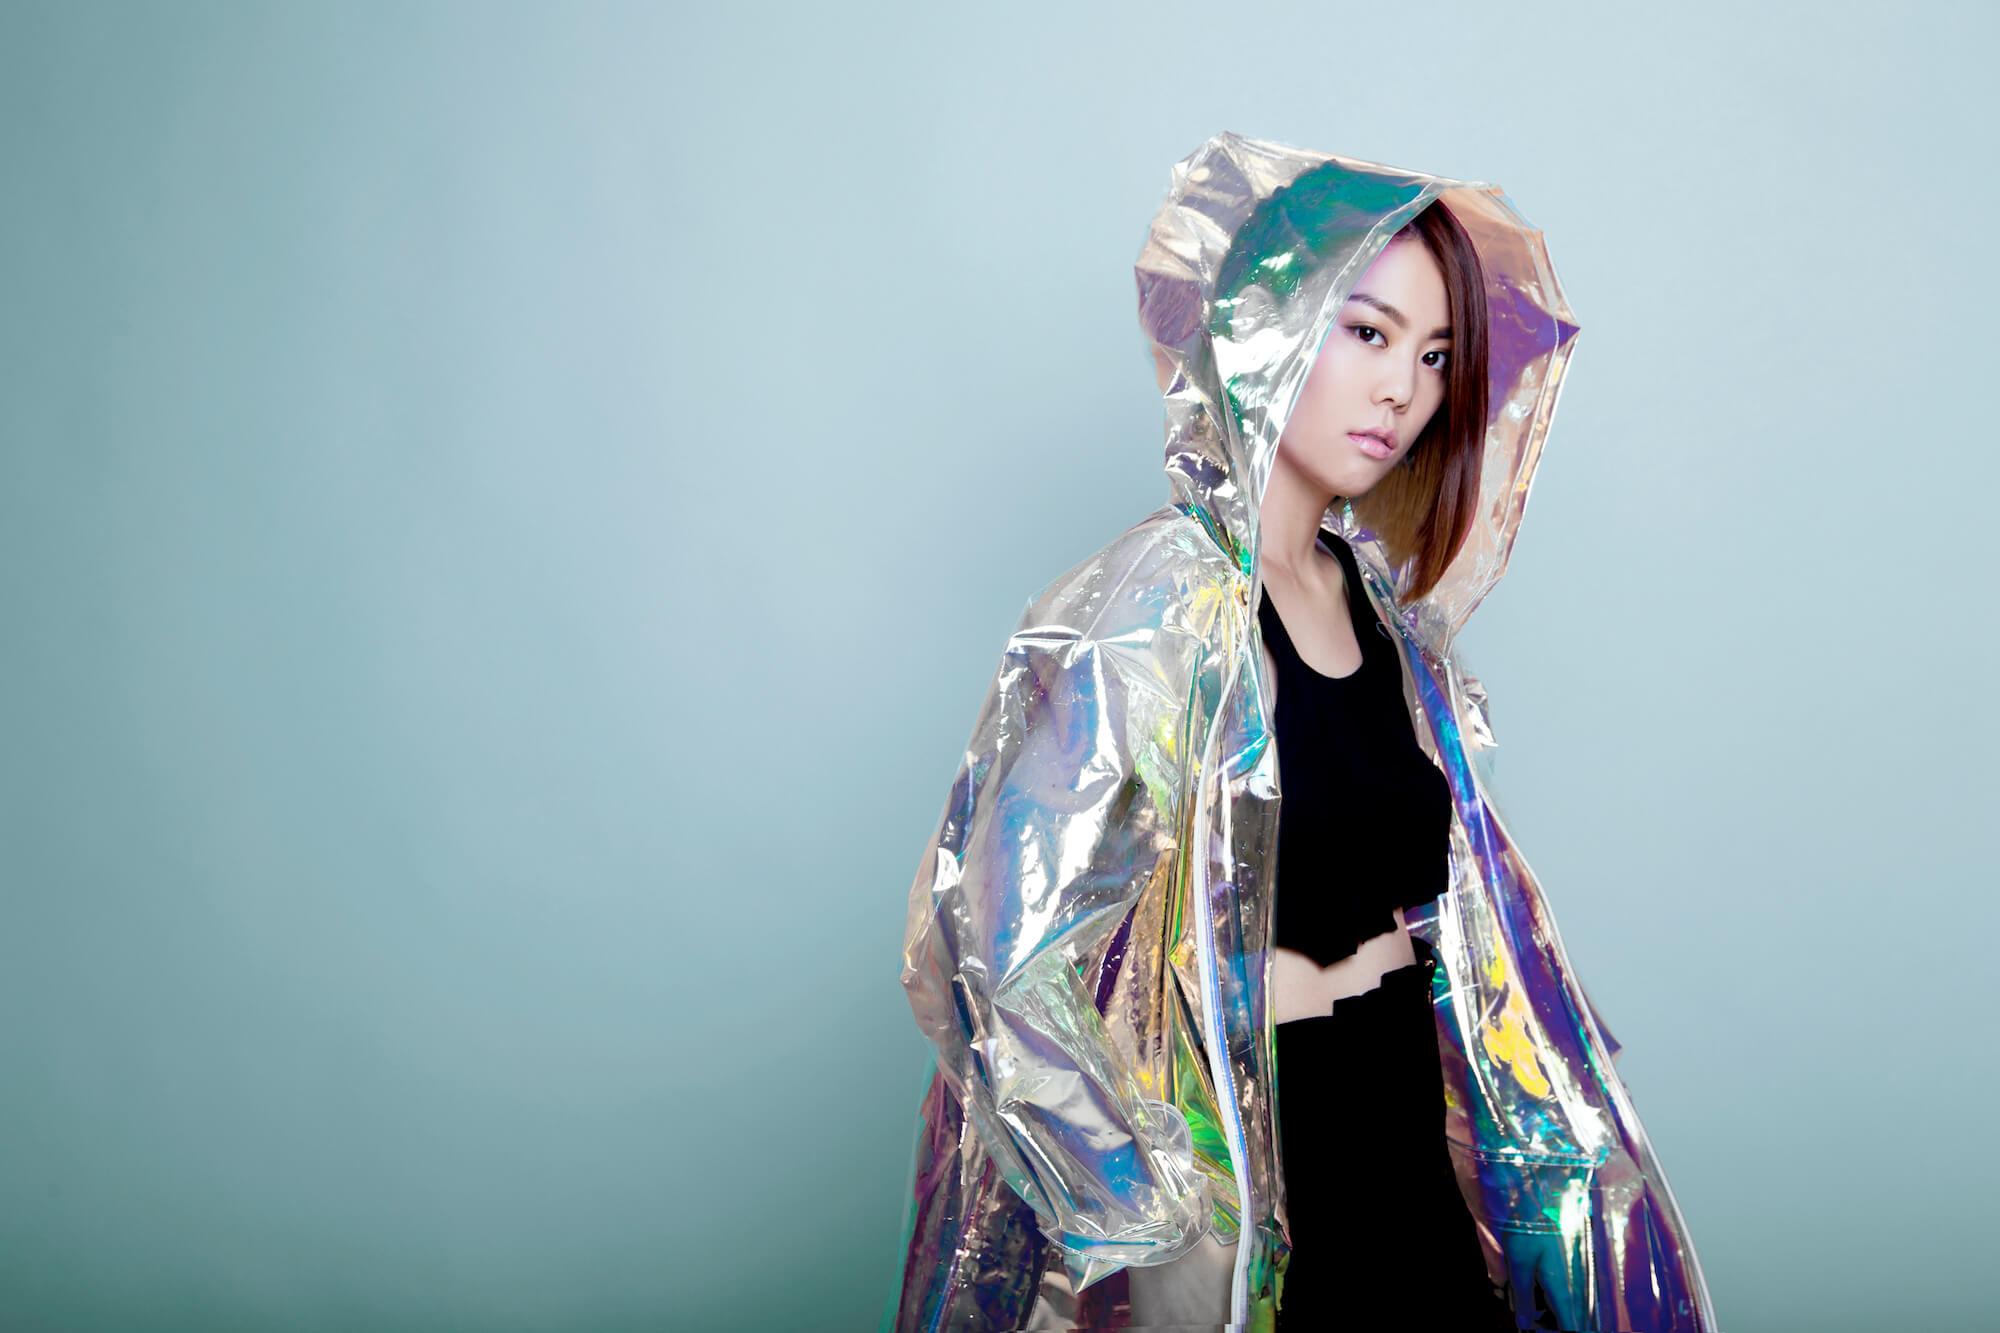 THE SxPLAY(菅原紗由理)、5ヶ月連続リリース企画第3弾「スウィートアウトサイダー」リリックムービー公開